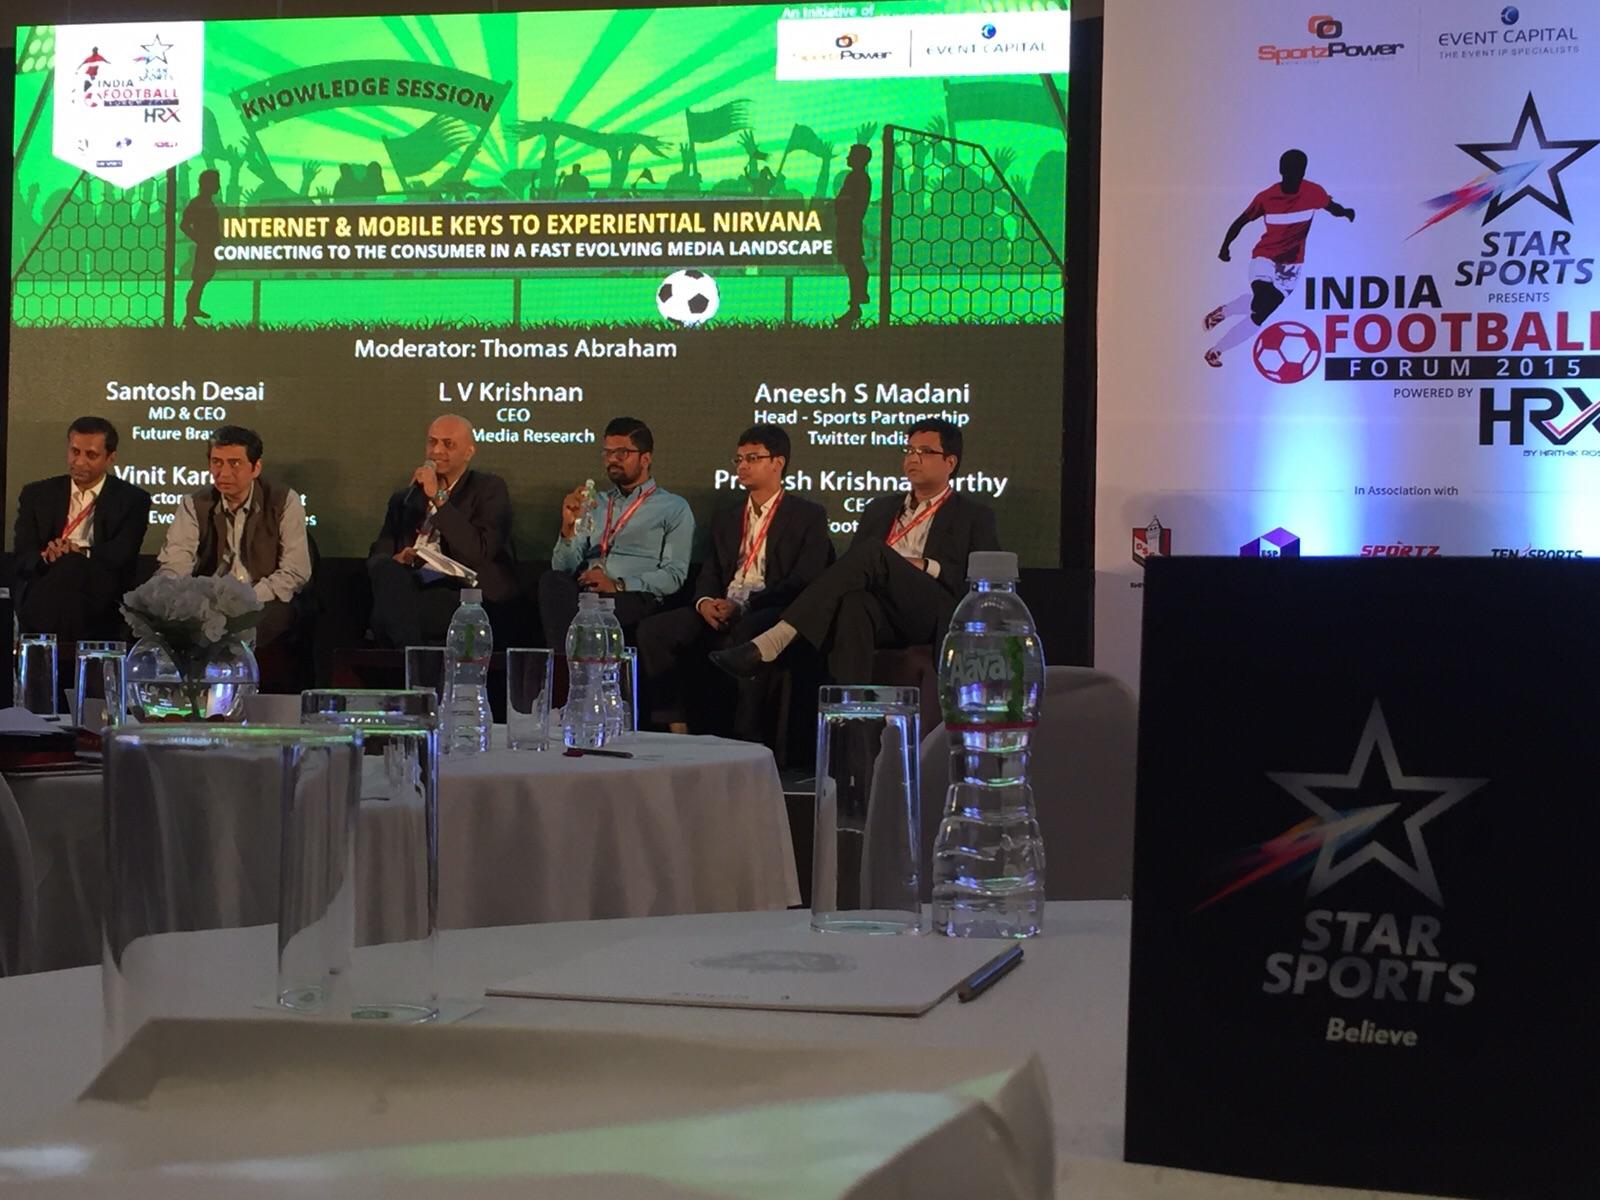 TheFootballMind-IndiaFootballForum2